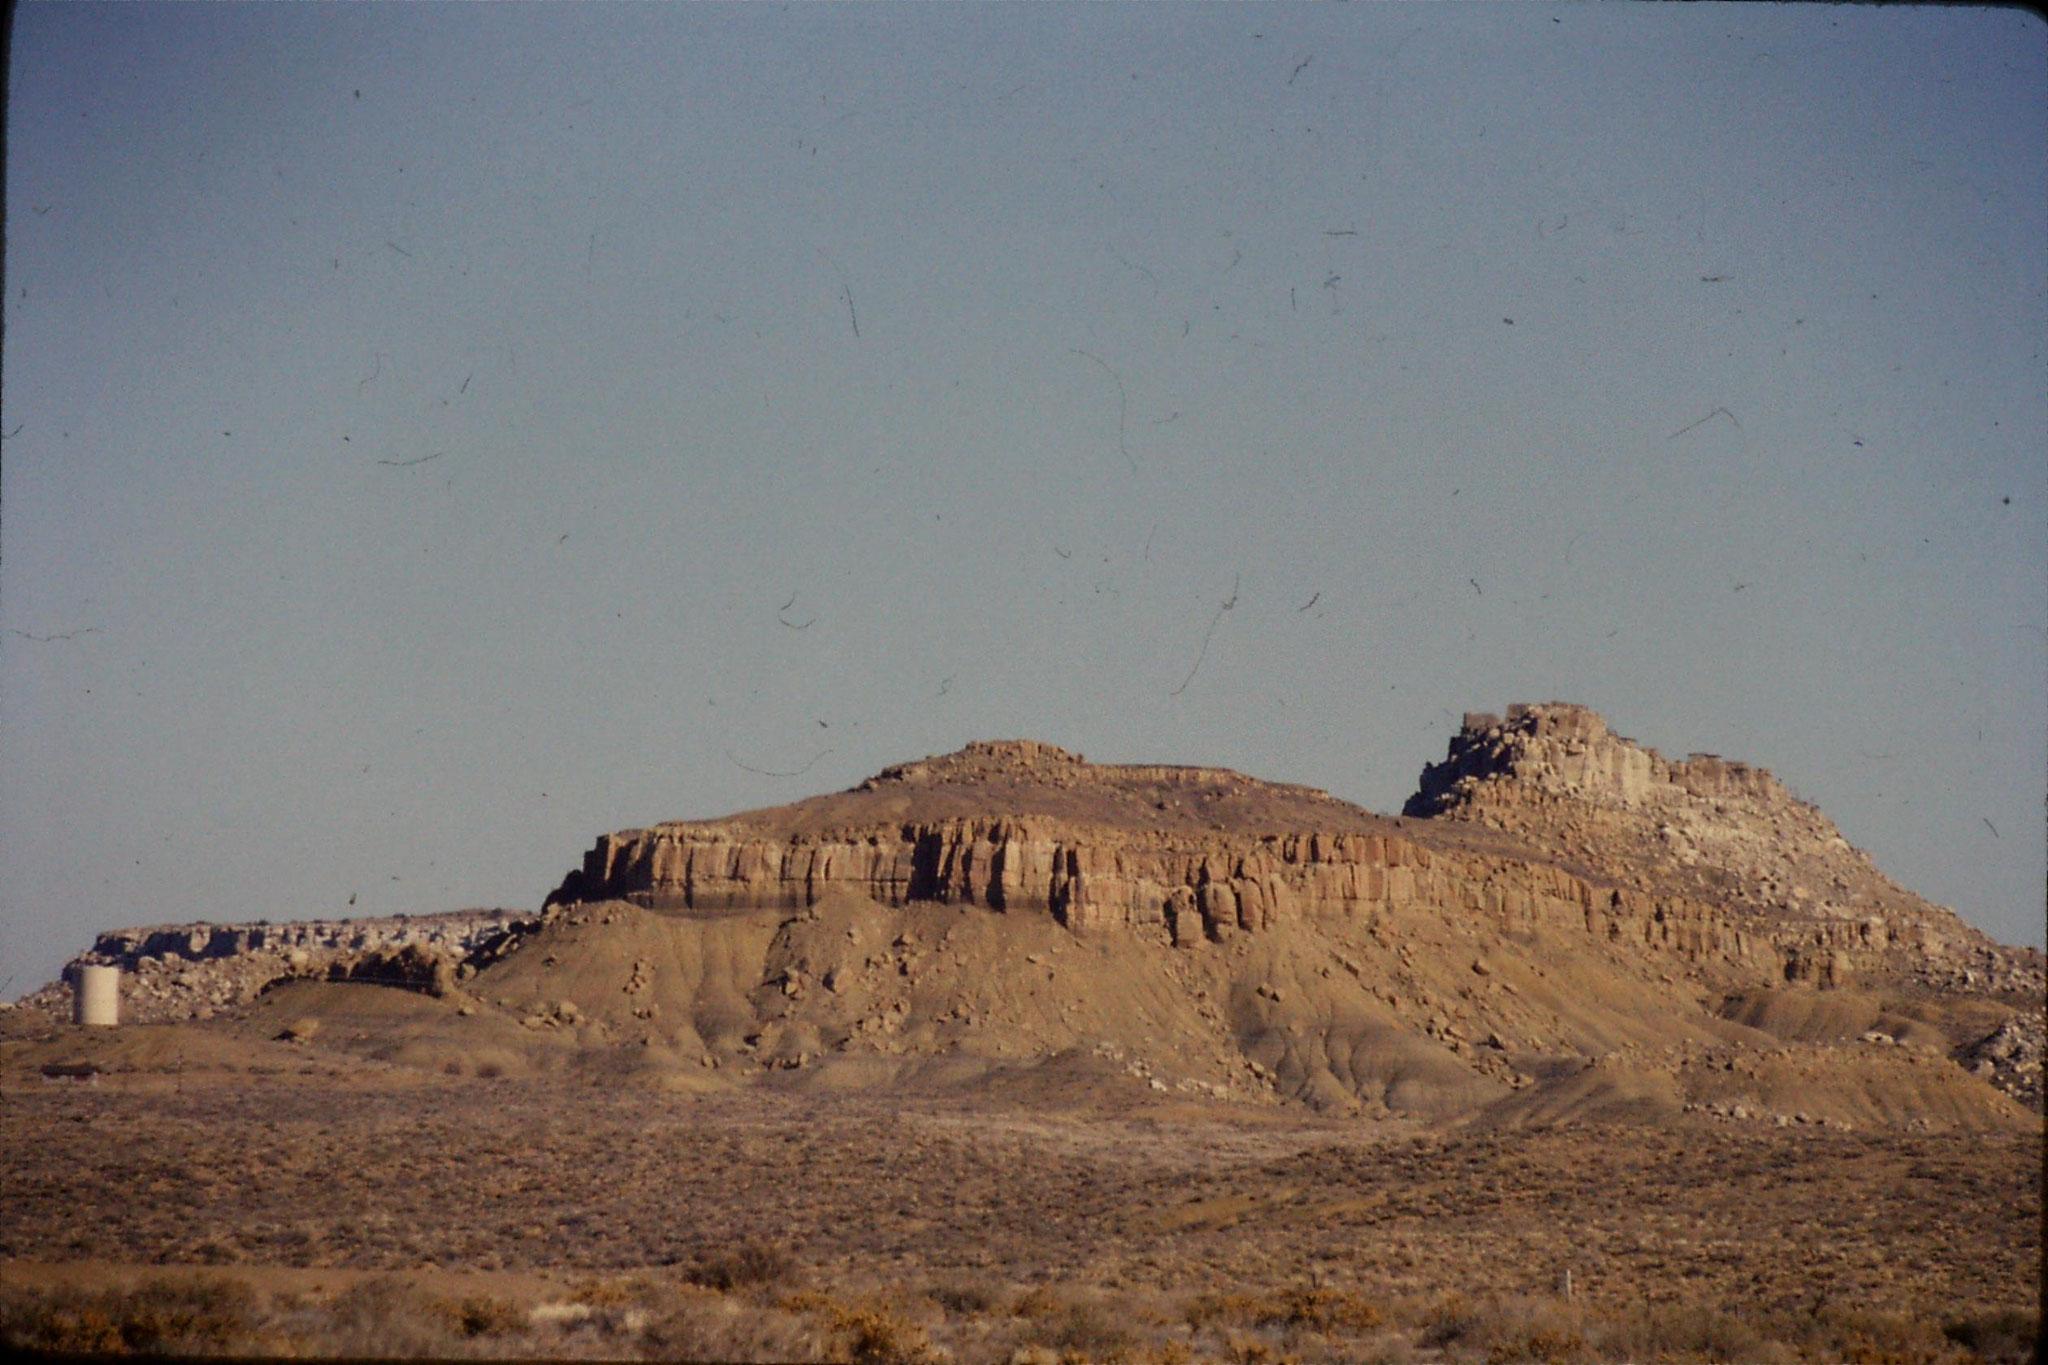 14/12/1990: 16: First mesa